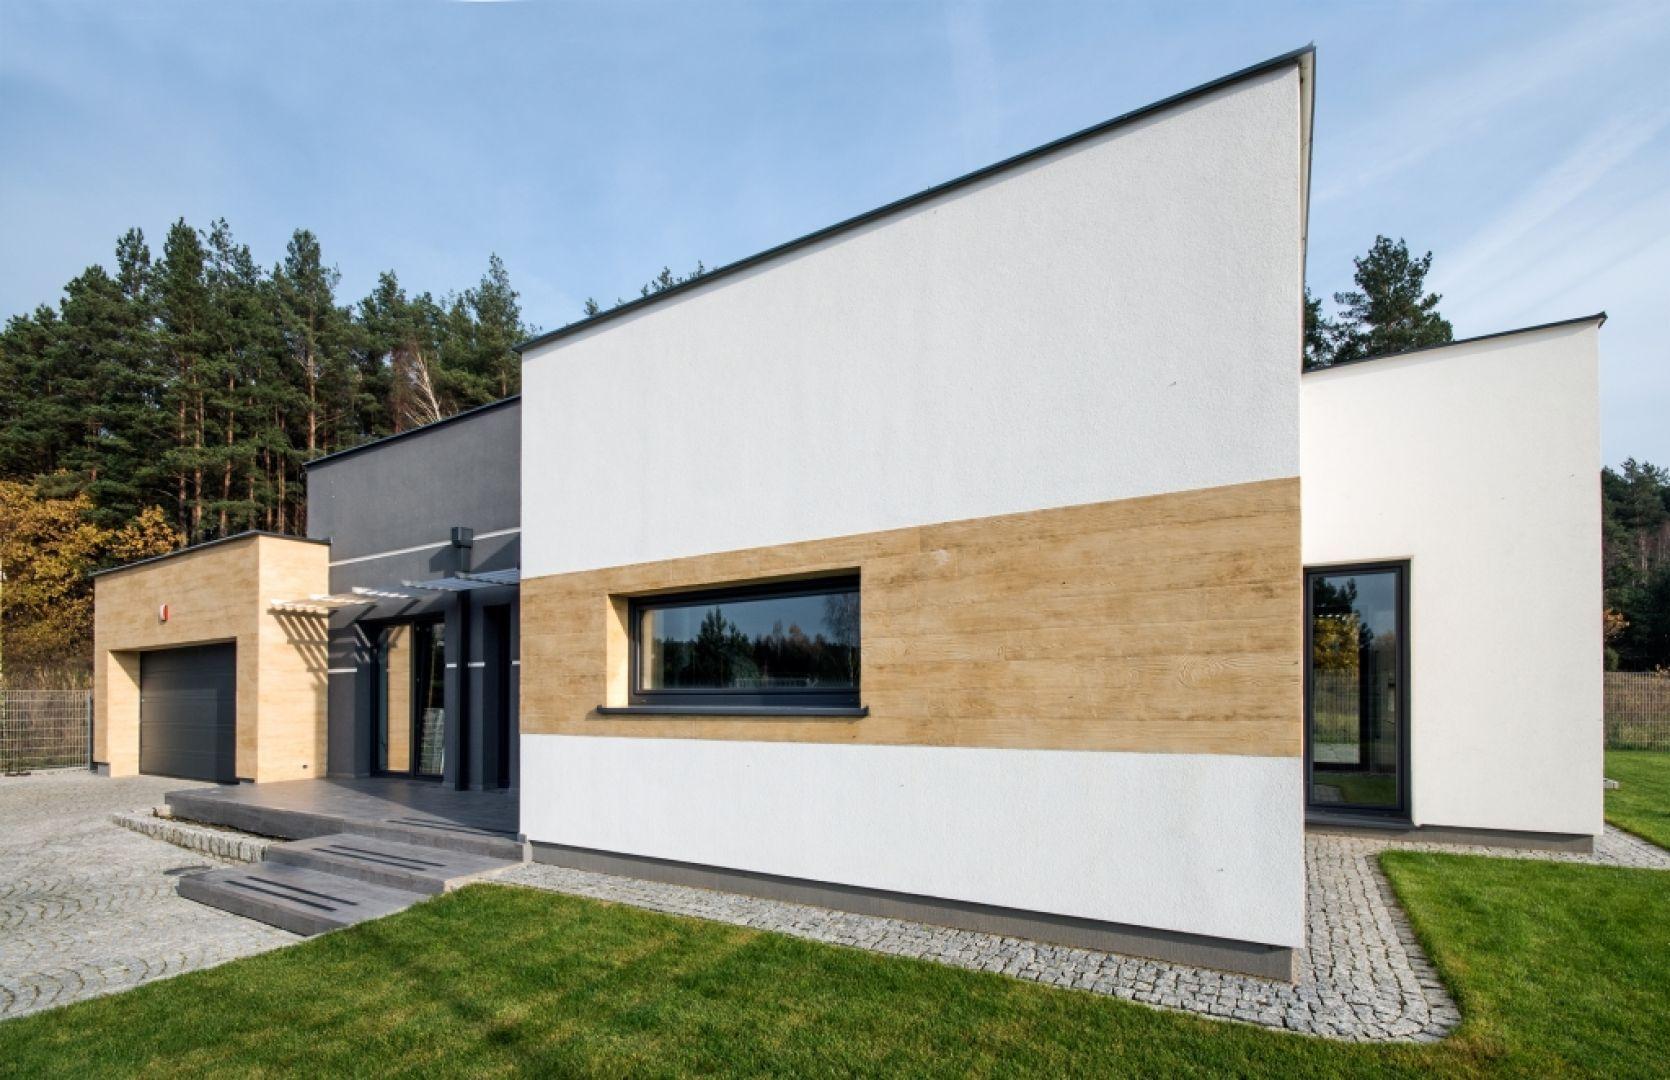 Elewacja odgrywa kluczową rolę w łączeniu zewnętrznych części budynku z jego wnętrzem. Fot. Baumit